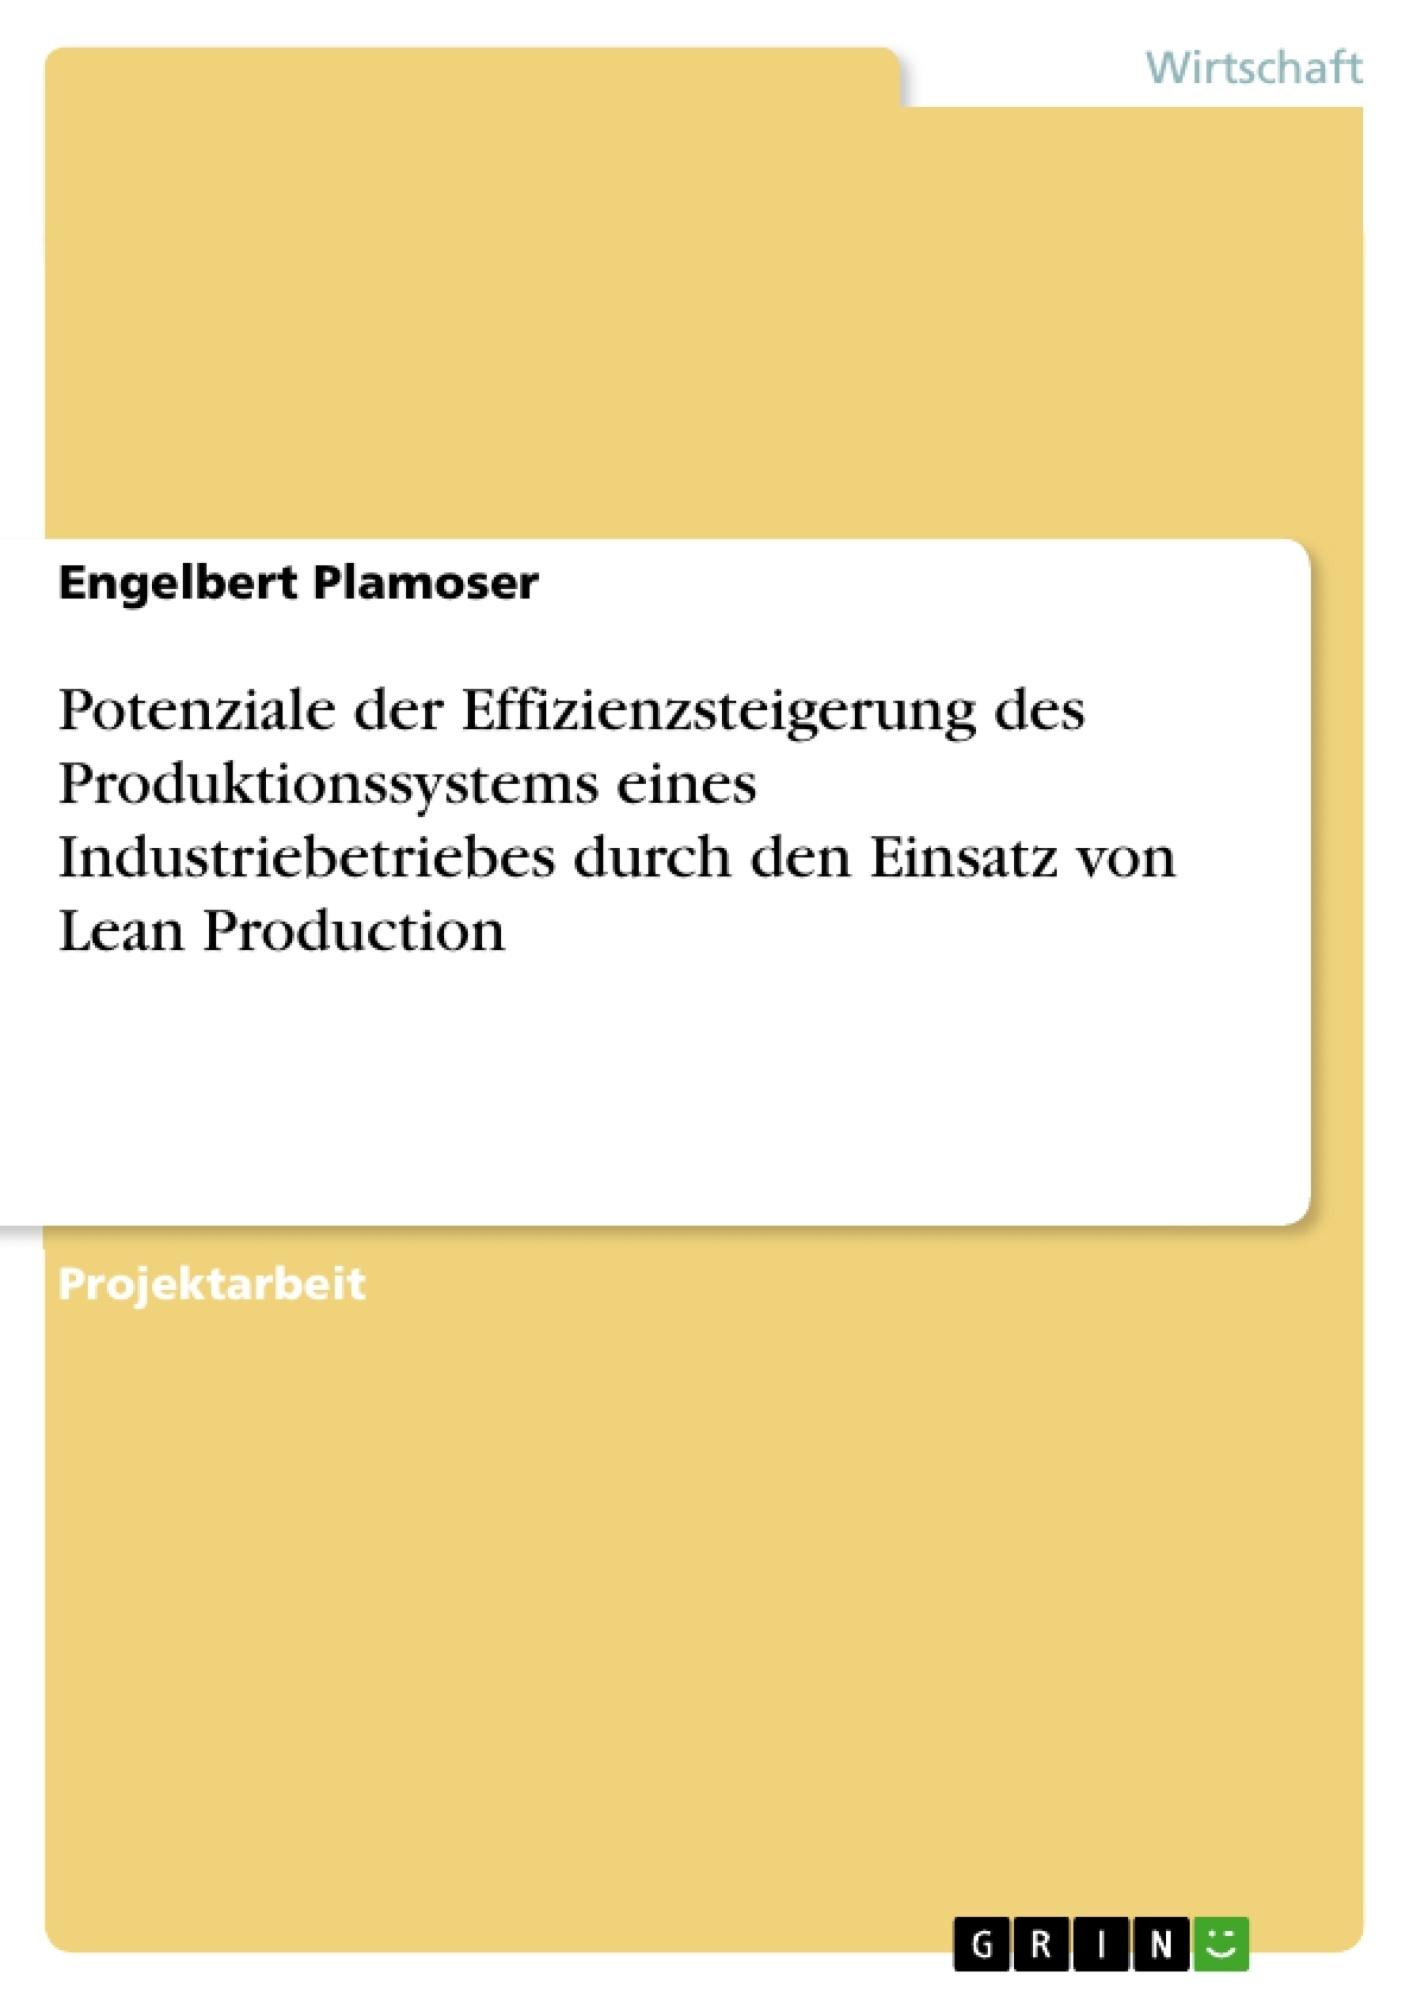 Titel: Potenziale der Effizienzsteigerung des Produktionssystems eines Industriebetriebes durch den Einsatz von Lean Production